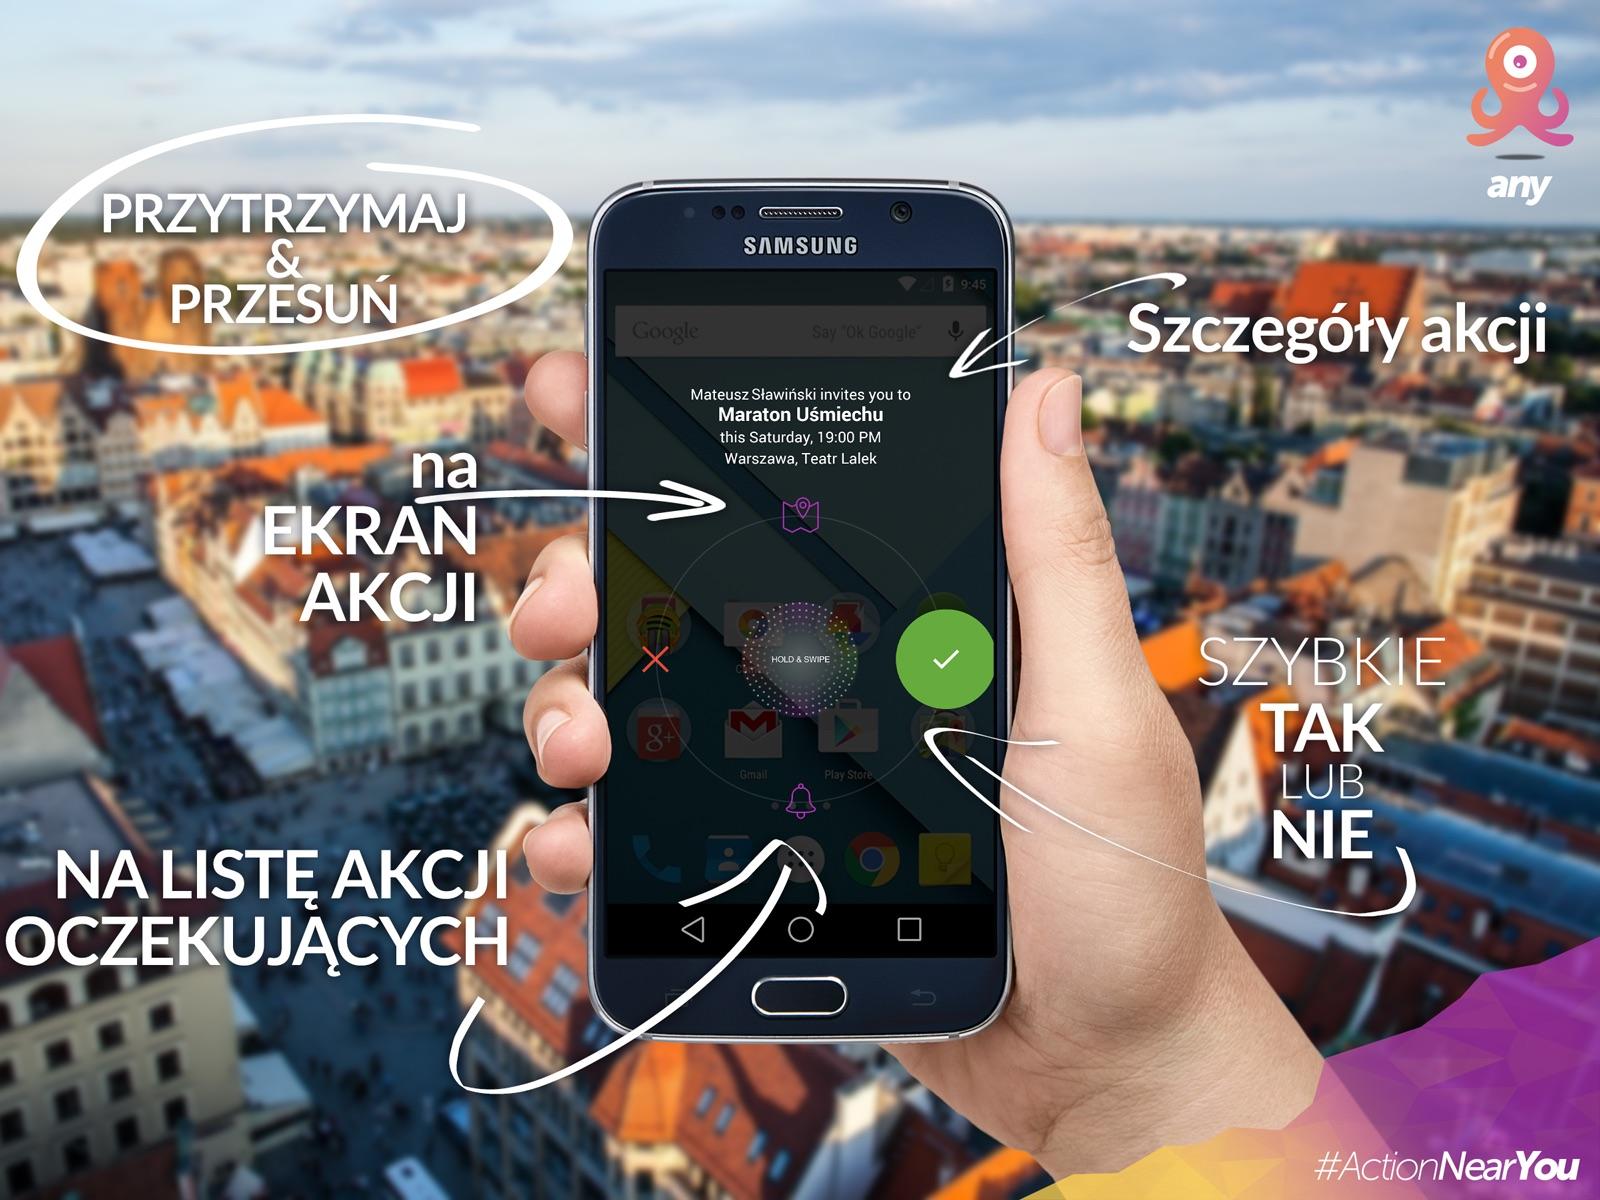 aplikacja do łączenia znajomych opowieści o podłączeniu do gimnazjum